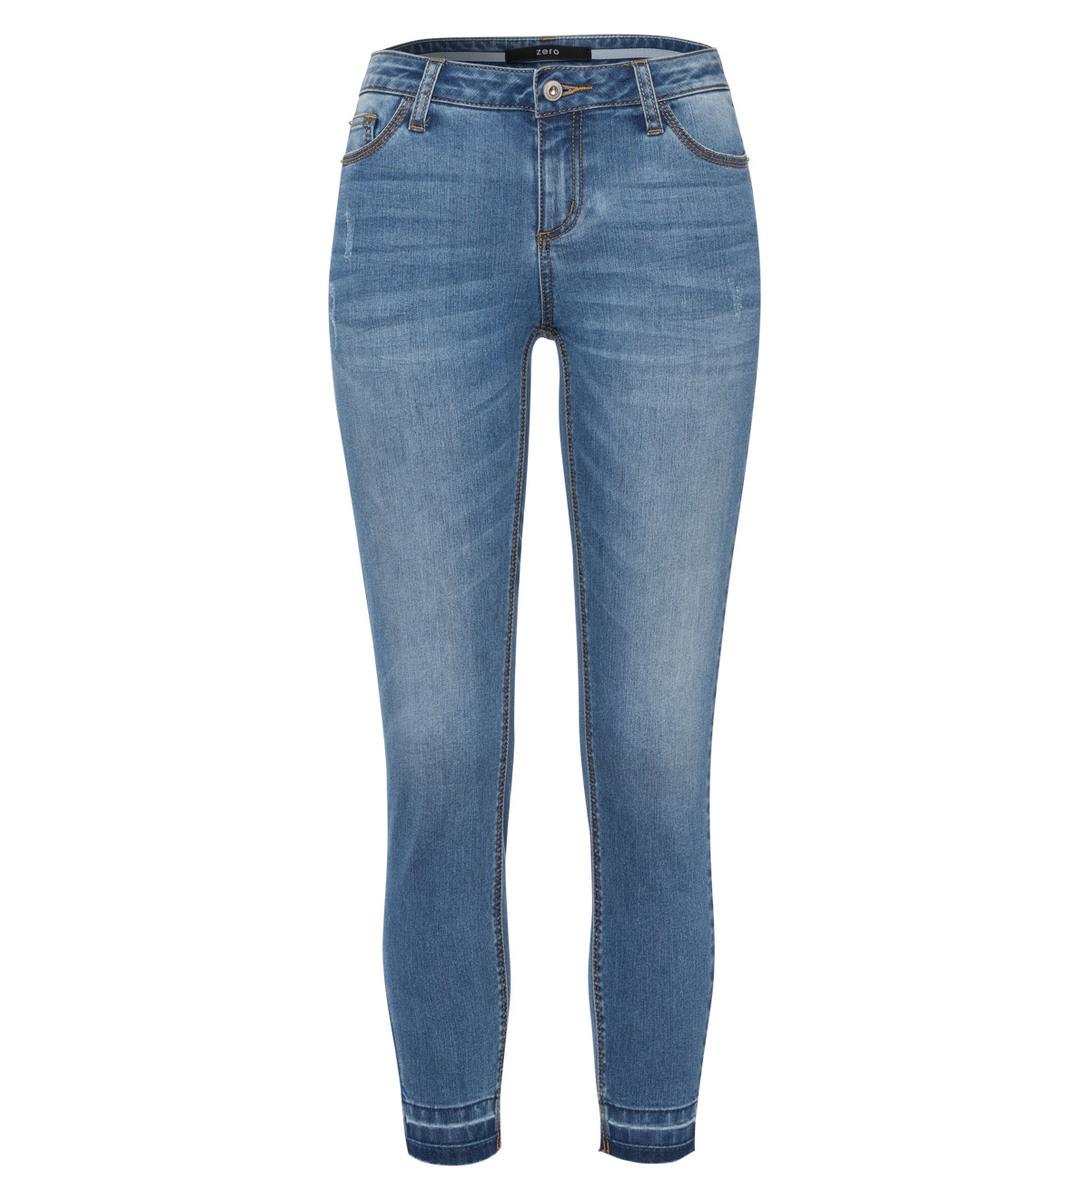 Jeans mit feinen Fransen am Saum in mid blue